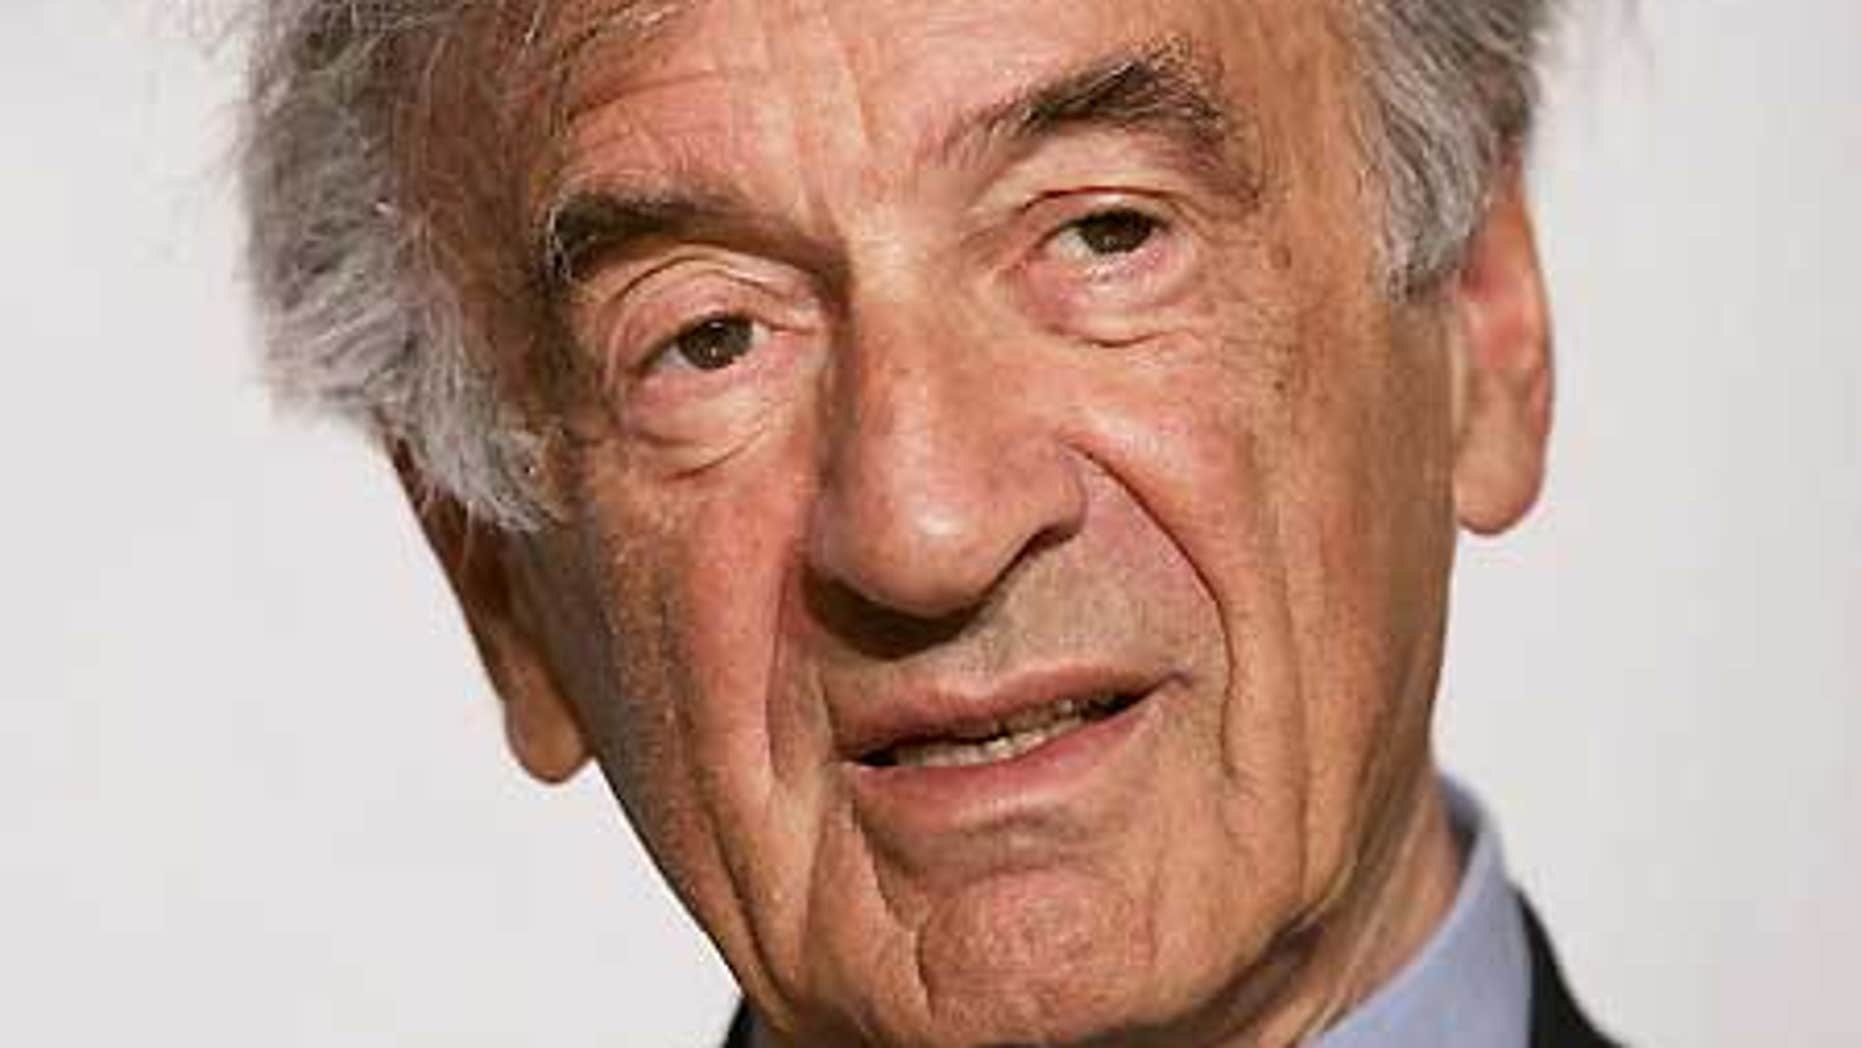 Holocaust survivor and author Elie Wiesel. (AP)